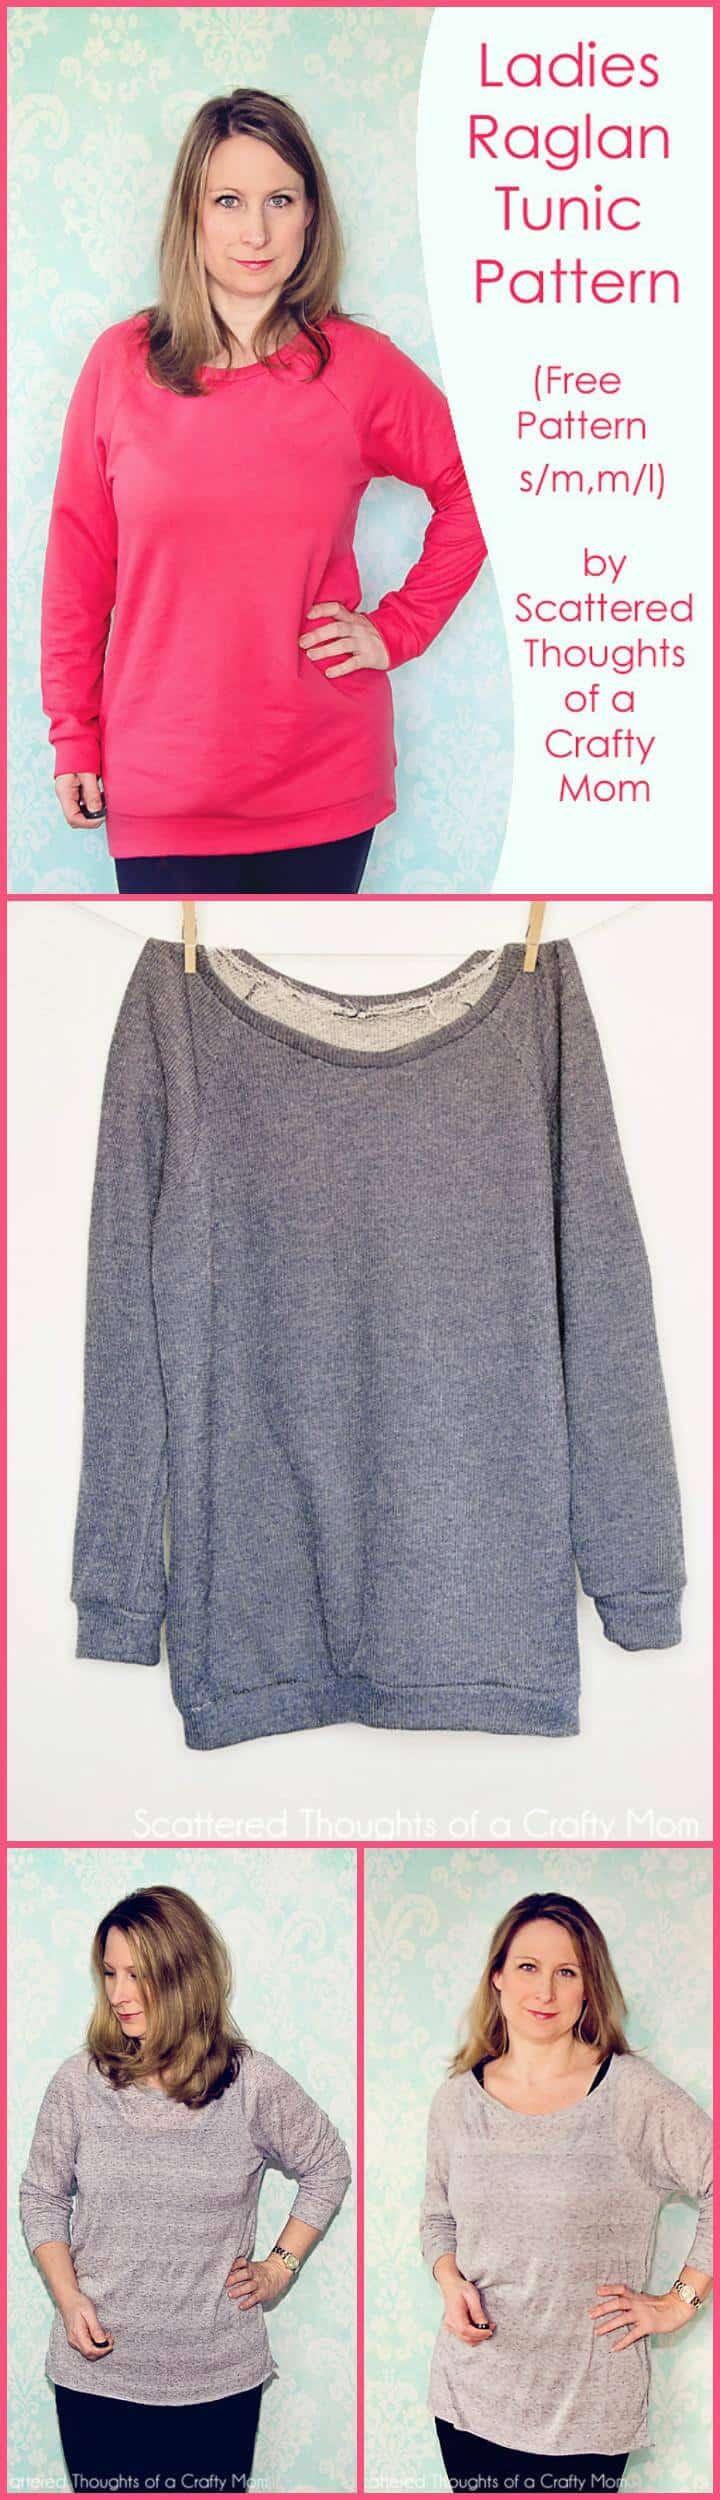 patrón y tutorial de túnica raglán para mujer